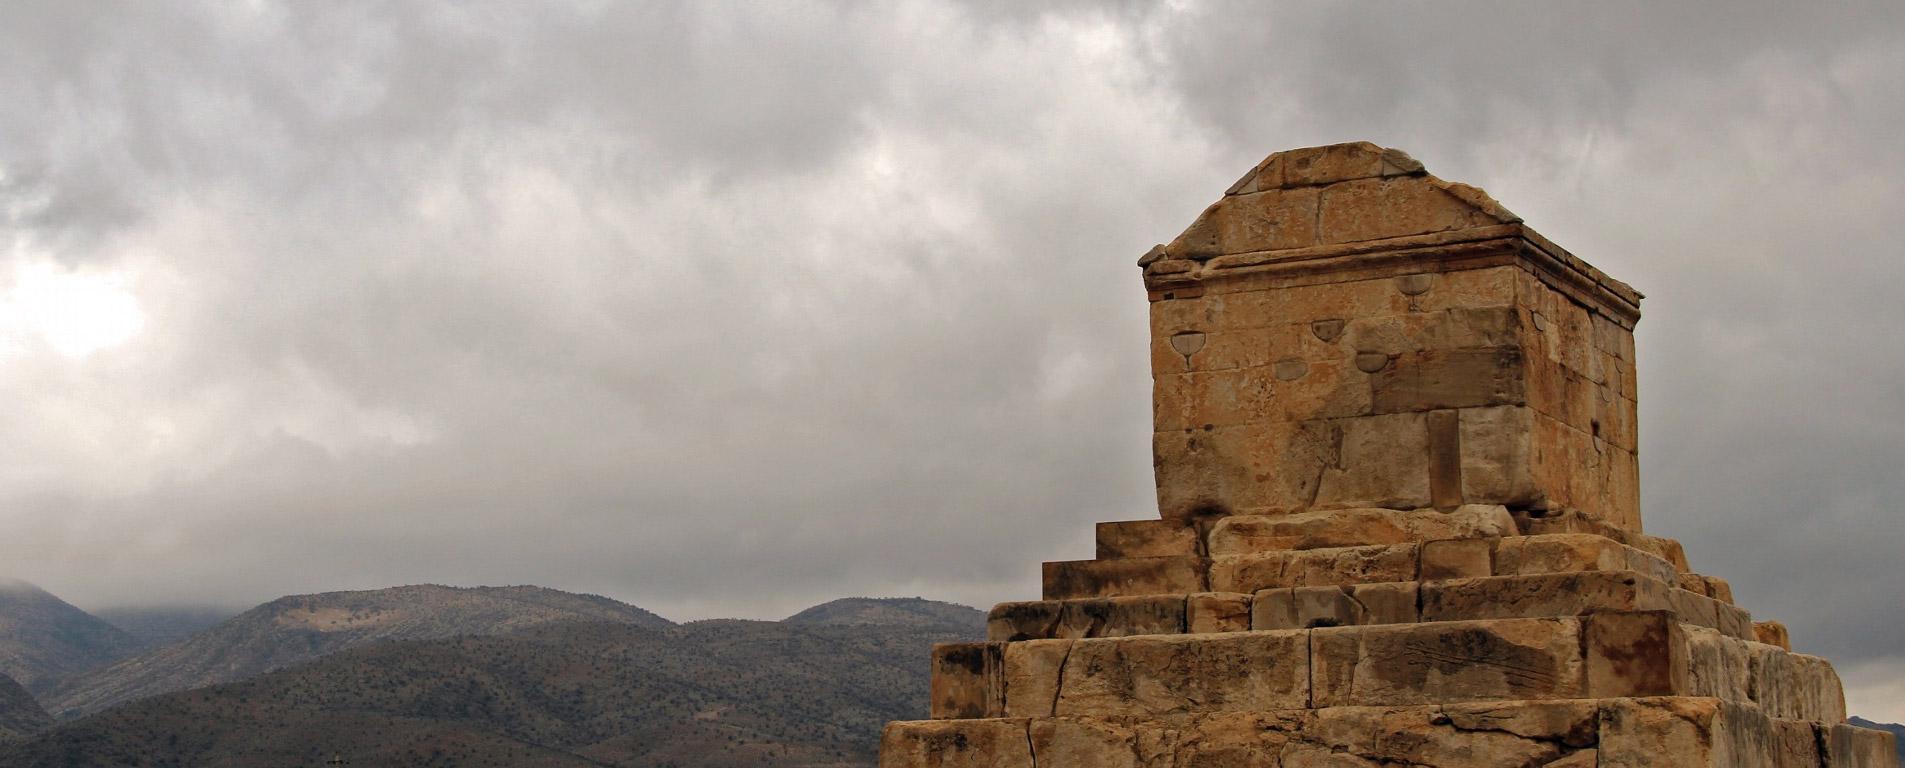 پاسارگاد شیراز ، شهری باشکوه به زیبایی افسانههای ملل